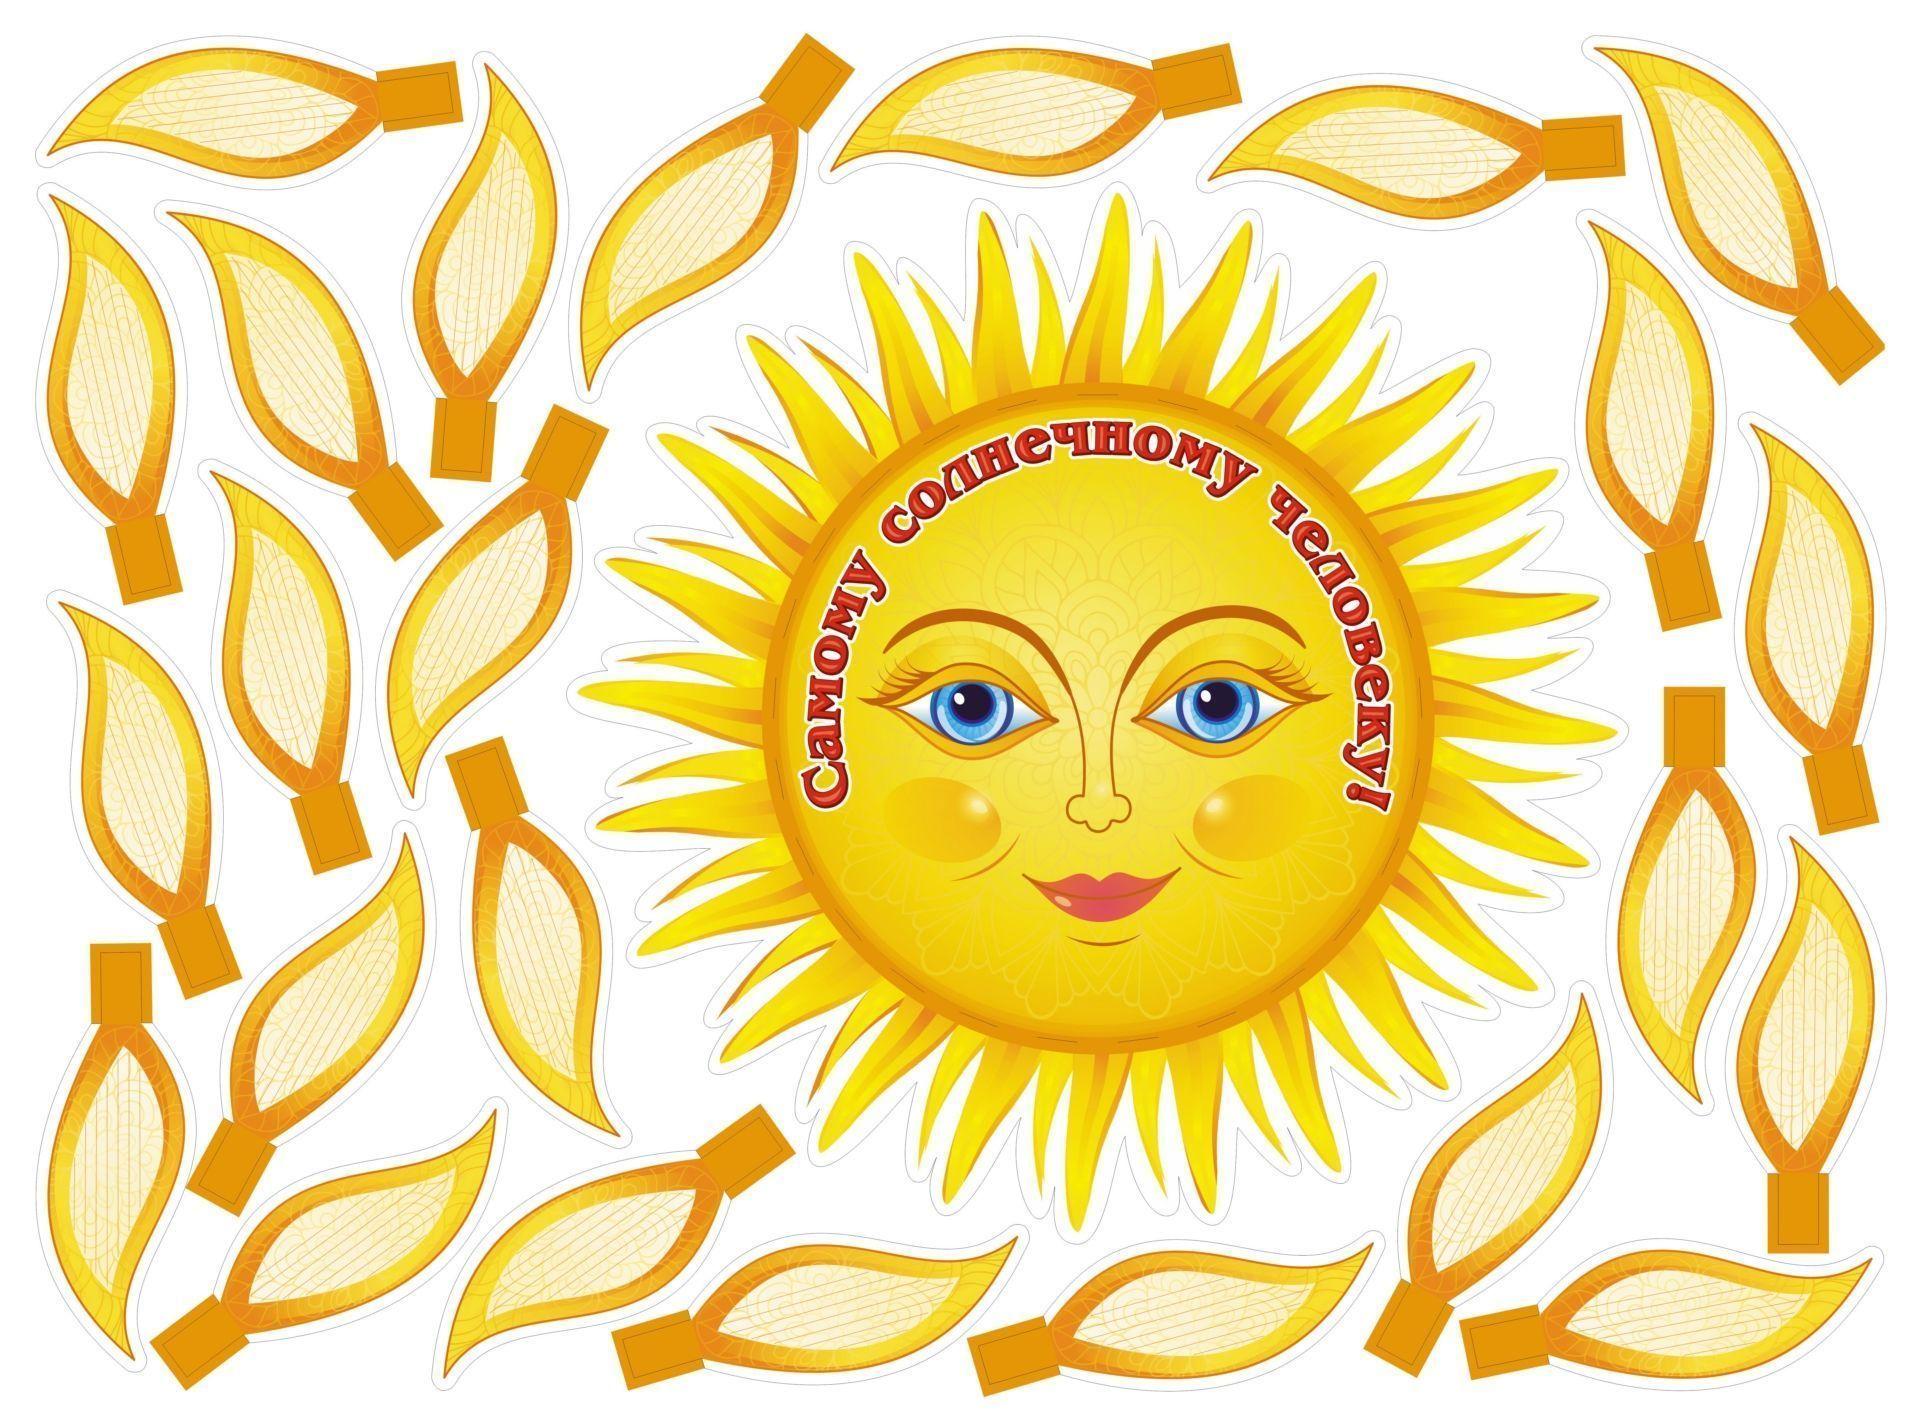 Самому солнечному человеку!: 470х460 ммВырубные фигуры<br>Подарочный набор Самому солнечному человеку! в упаковке с уникальным дизайном в виде солнышка добрых слов и теплыми пожеланиями на лучах солнца - высокая оценка человеческих качеств и доброты, содержащая в себе положительный эмоциональный аспект в отнош...<br><br>Год: 2017<br>Серия: Подарочный набор<br>Высота: 470<br>Ширина: 460<br>Переплёт: набор